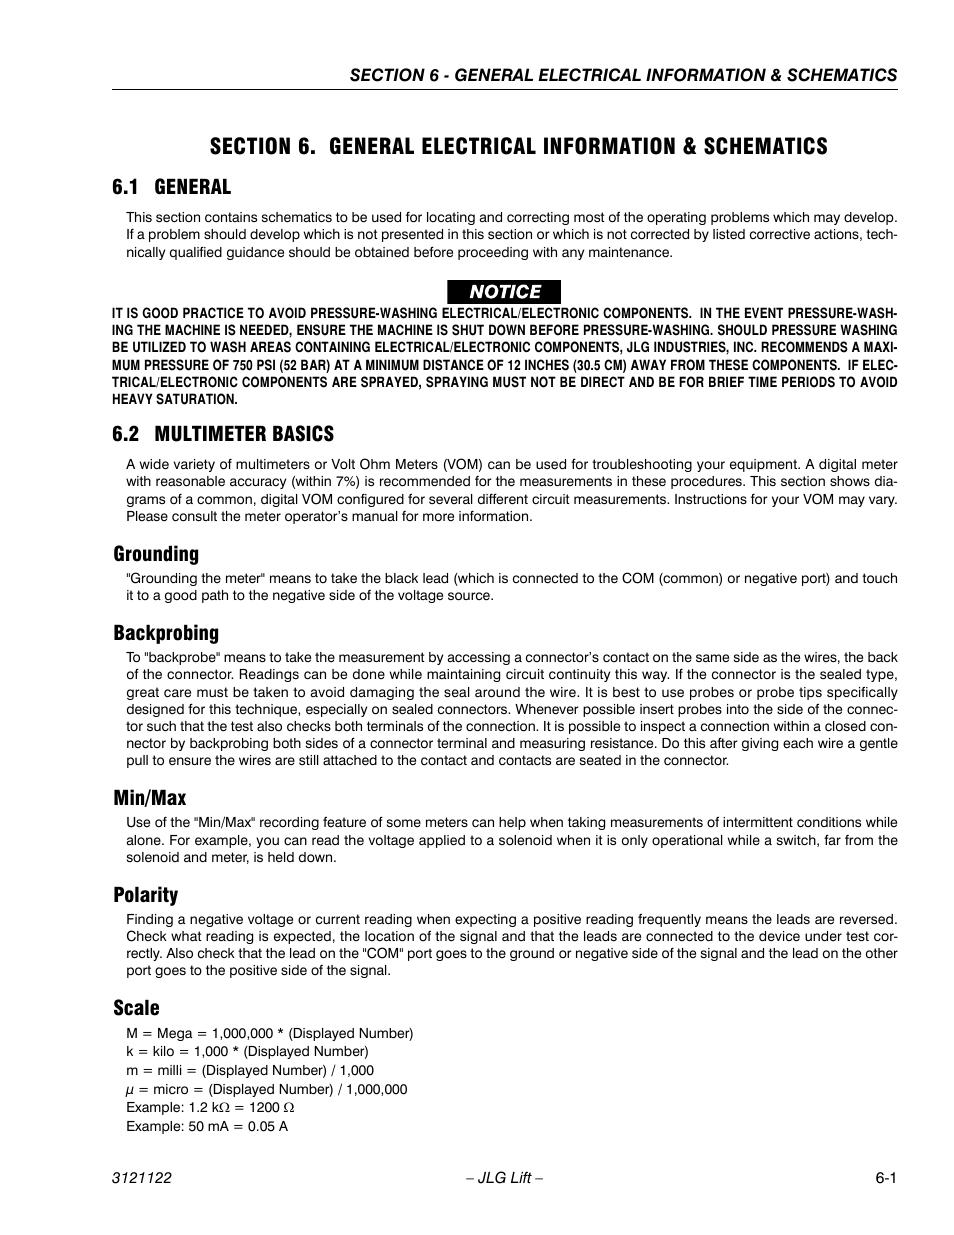 1 General 2 Multimeter Basics Grounding Jlg M4069 Ansi Service